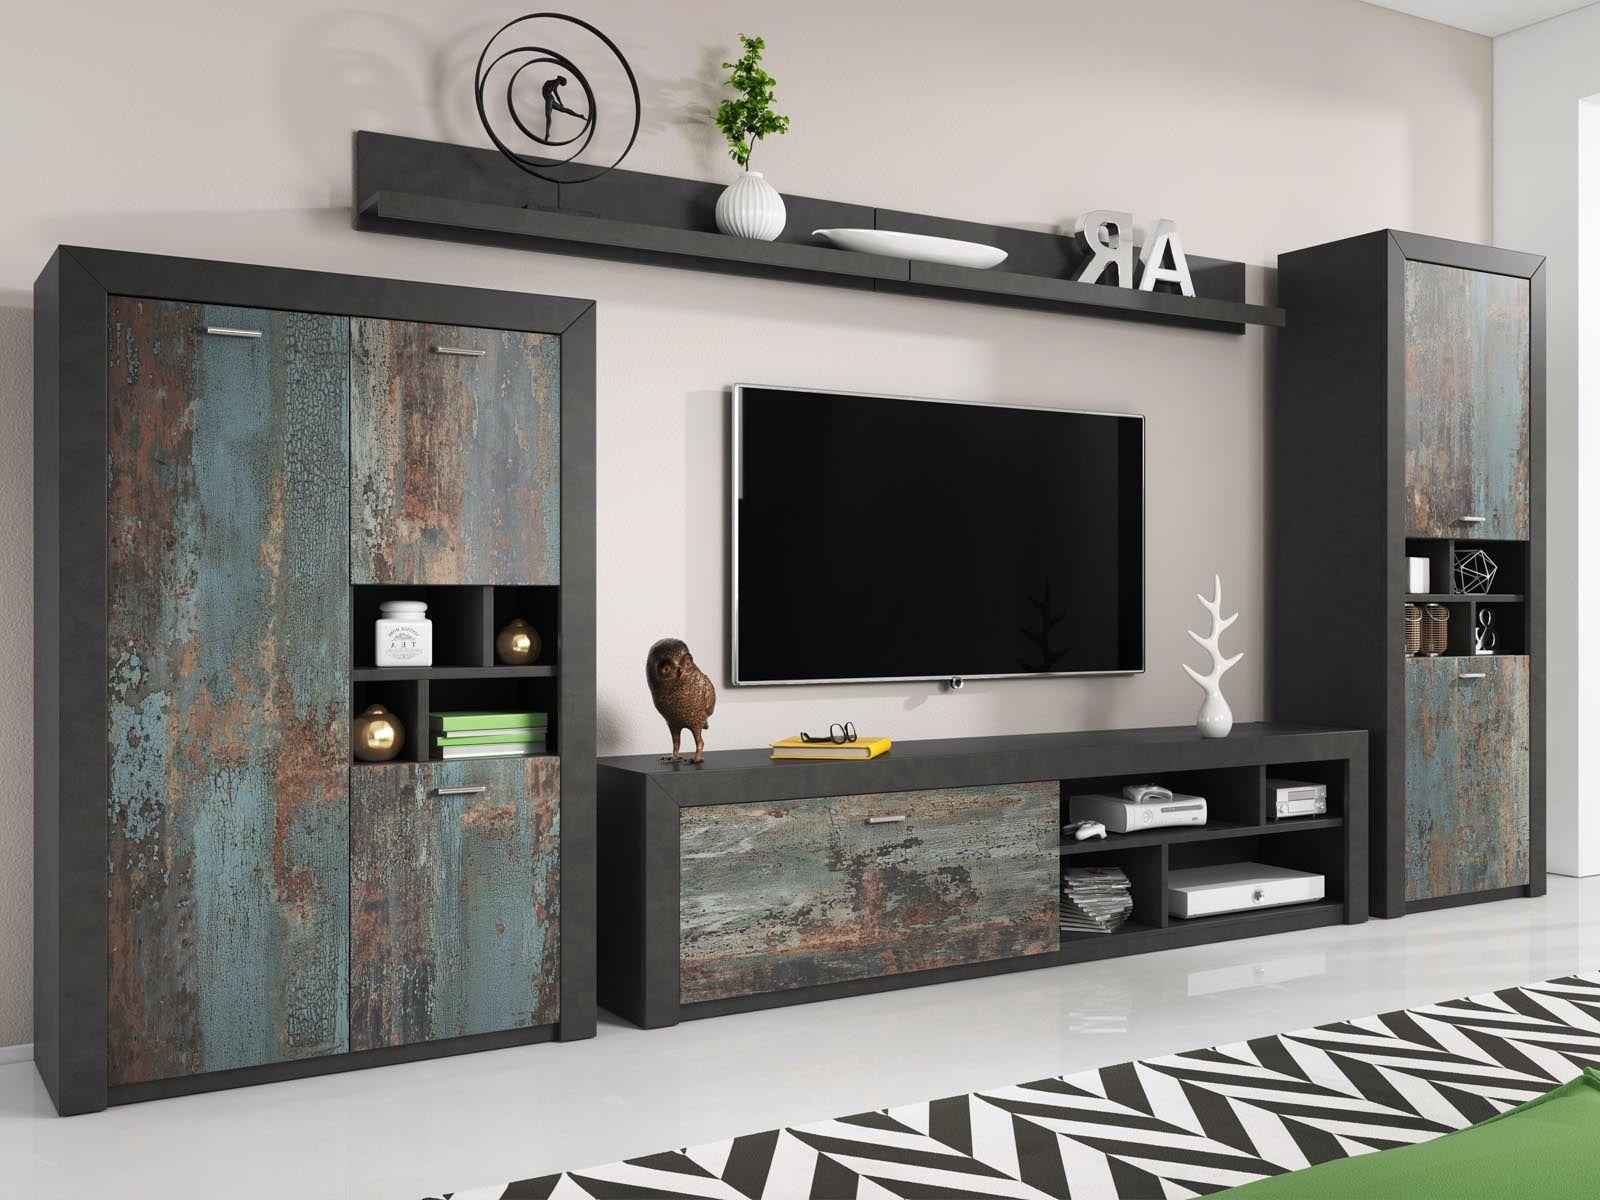 11 idees de mur tv hifi mur tv